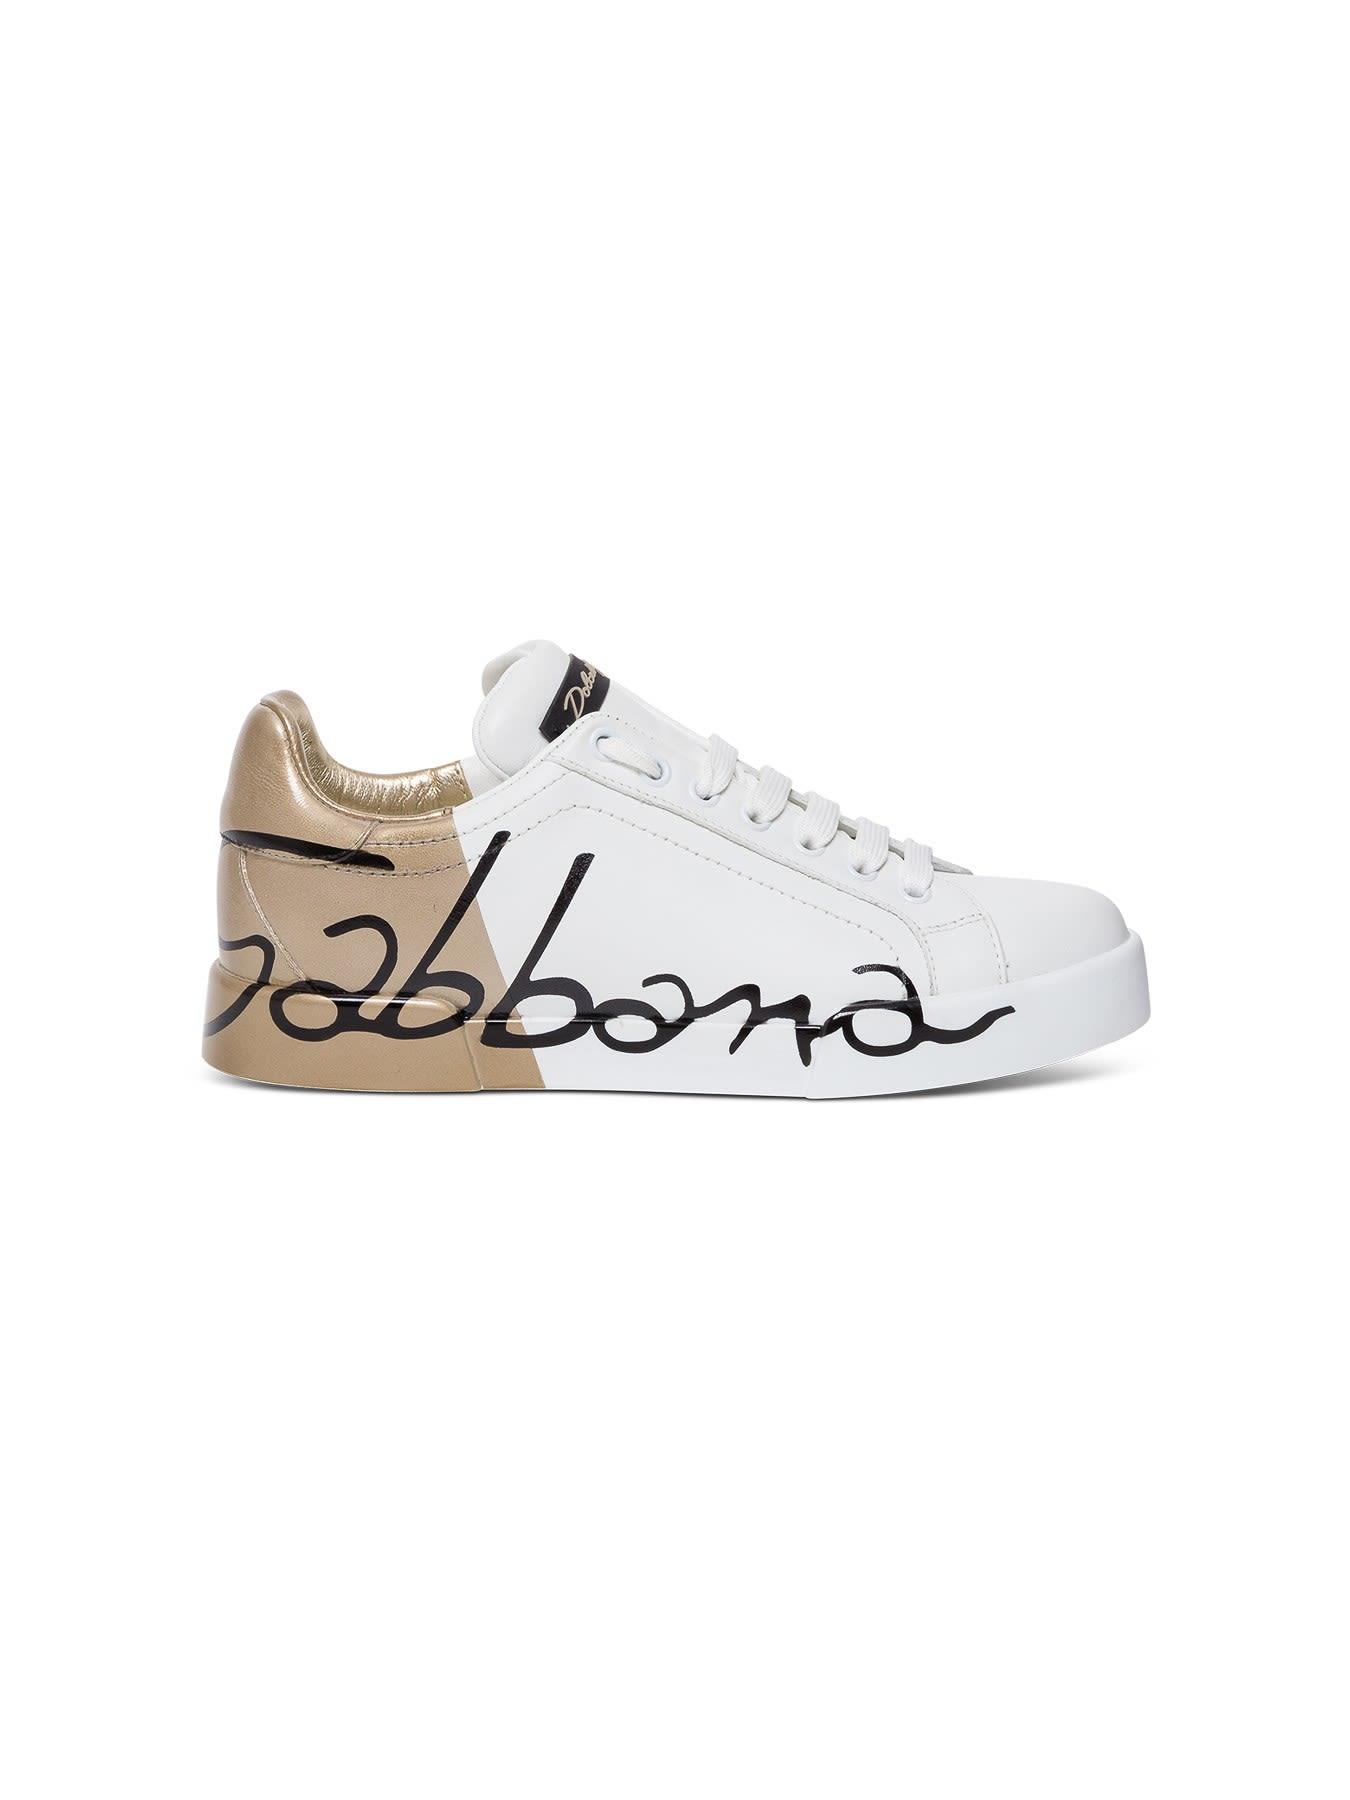 Dolce & Gabbana LEATHER AND PATENT PORTOFINO SNEAKERS